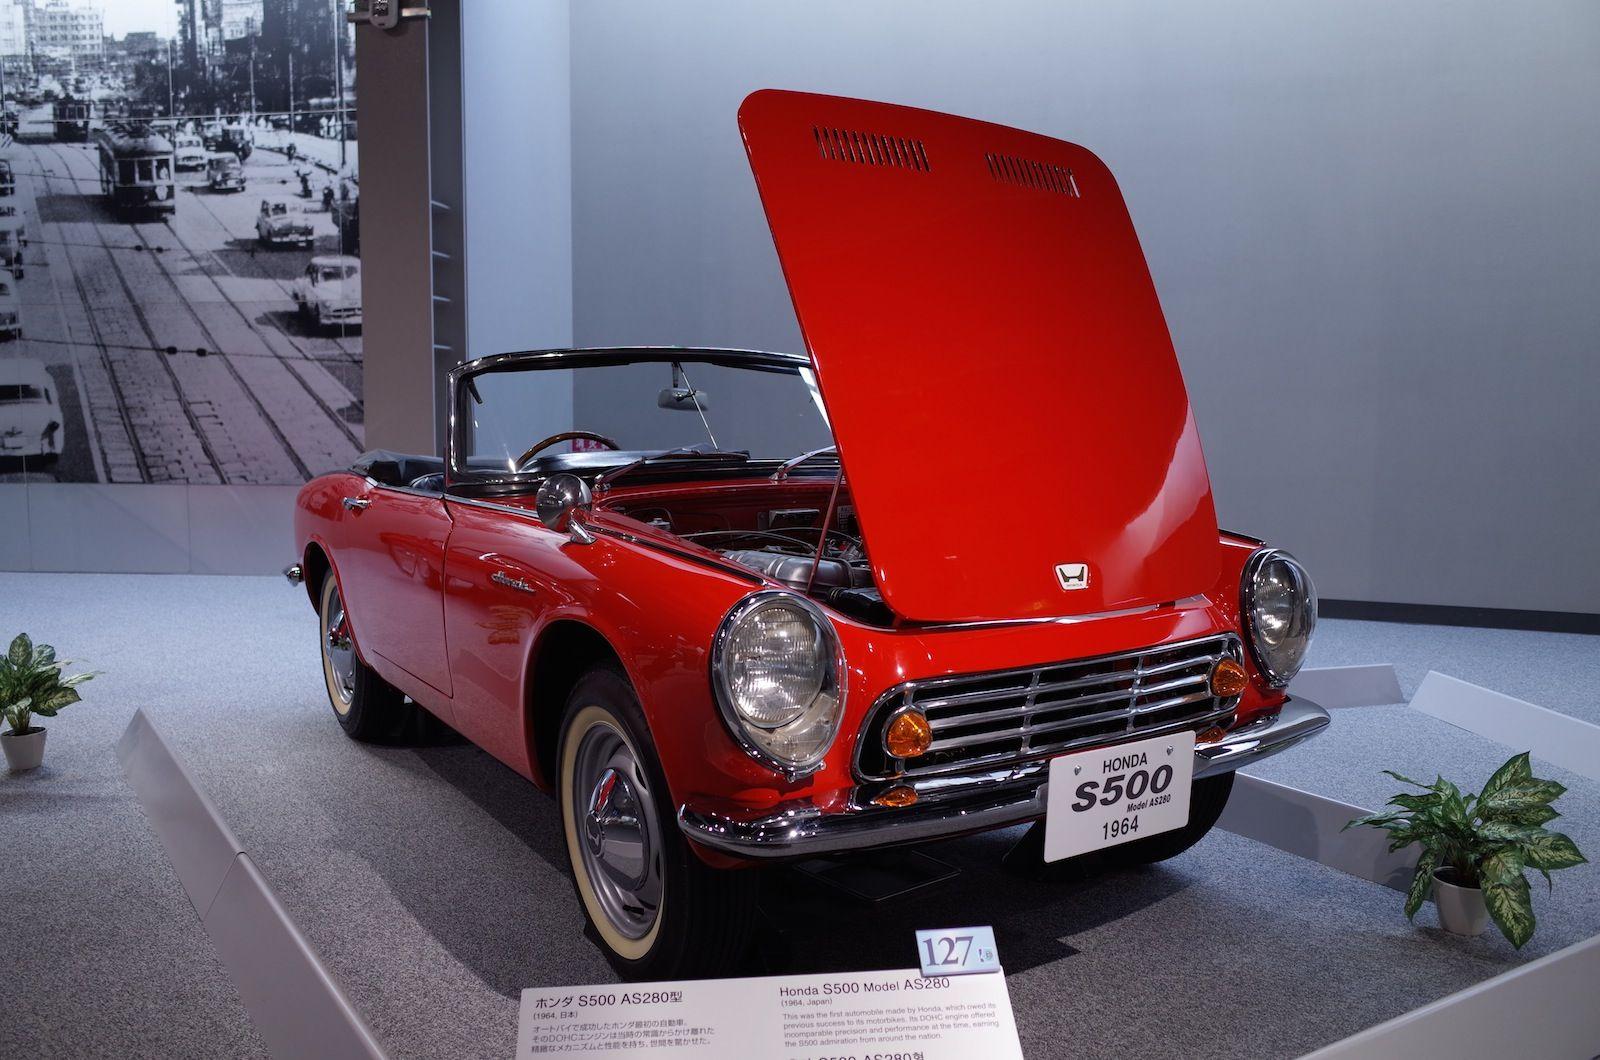 1964 Honda S500 AS280